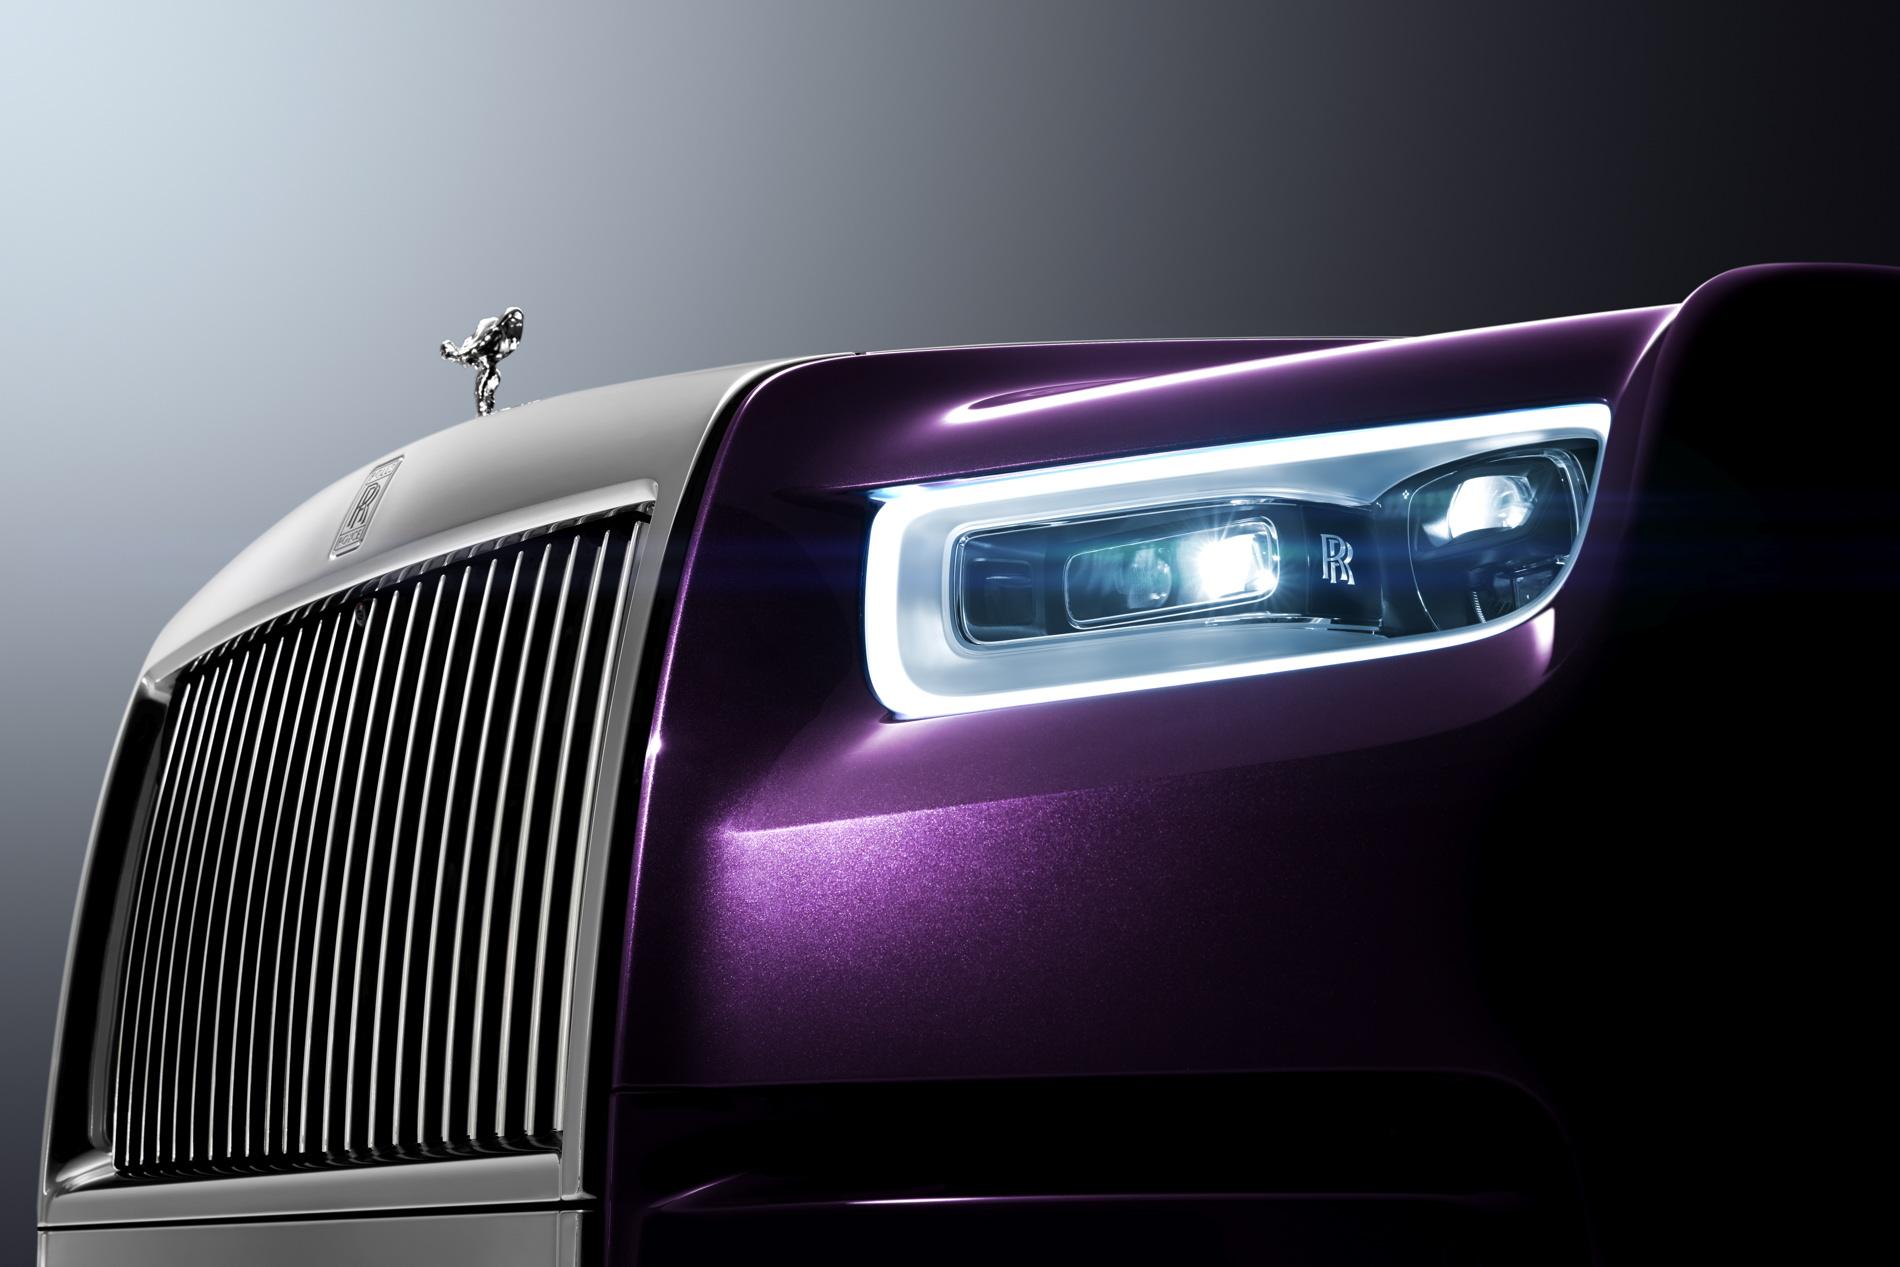 New Rolls Royce Phantom Extended Wheelbase 72